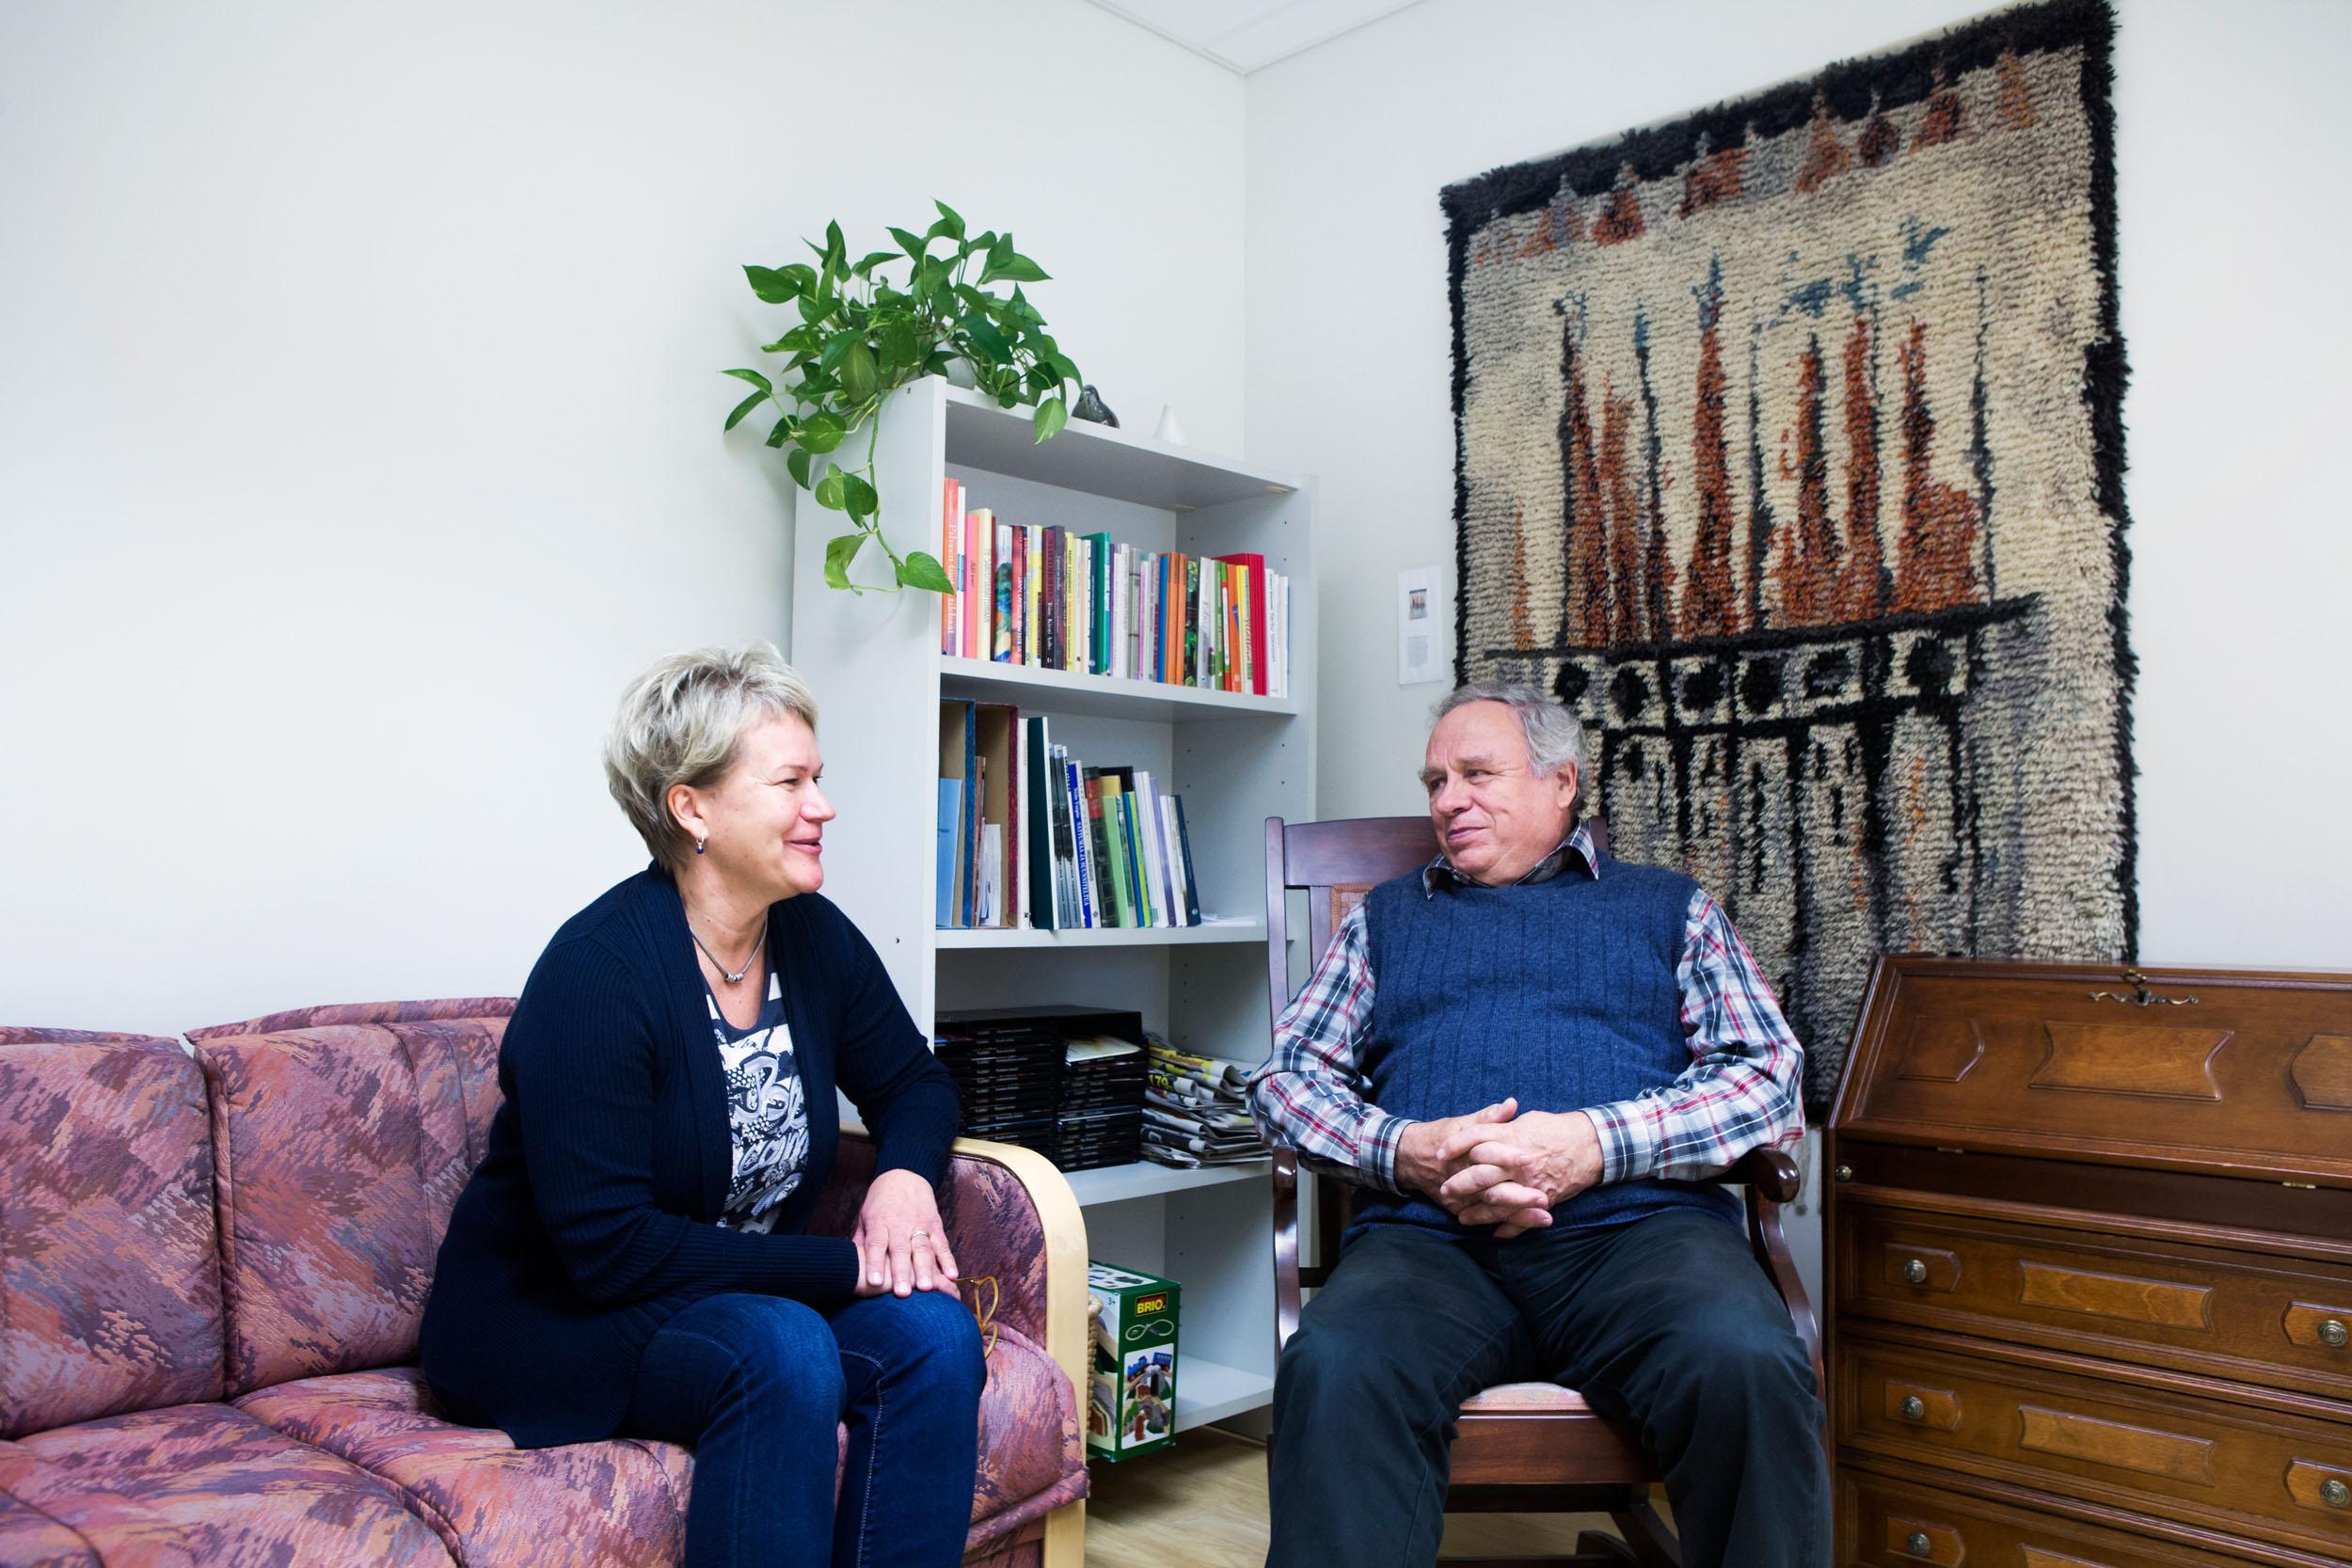 Neuvontahoitaja Jaana Lemetyinen ja vertaistukihenkilö keskustelevat neuvontapalvelun aulassa